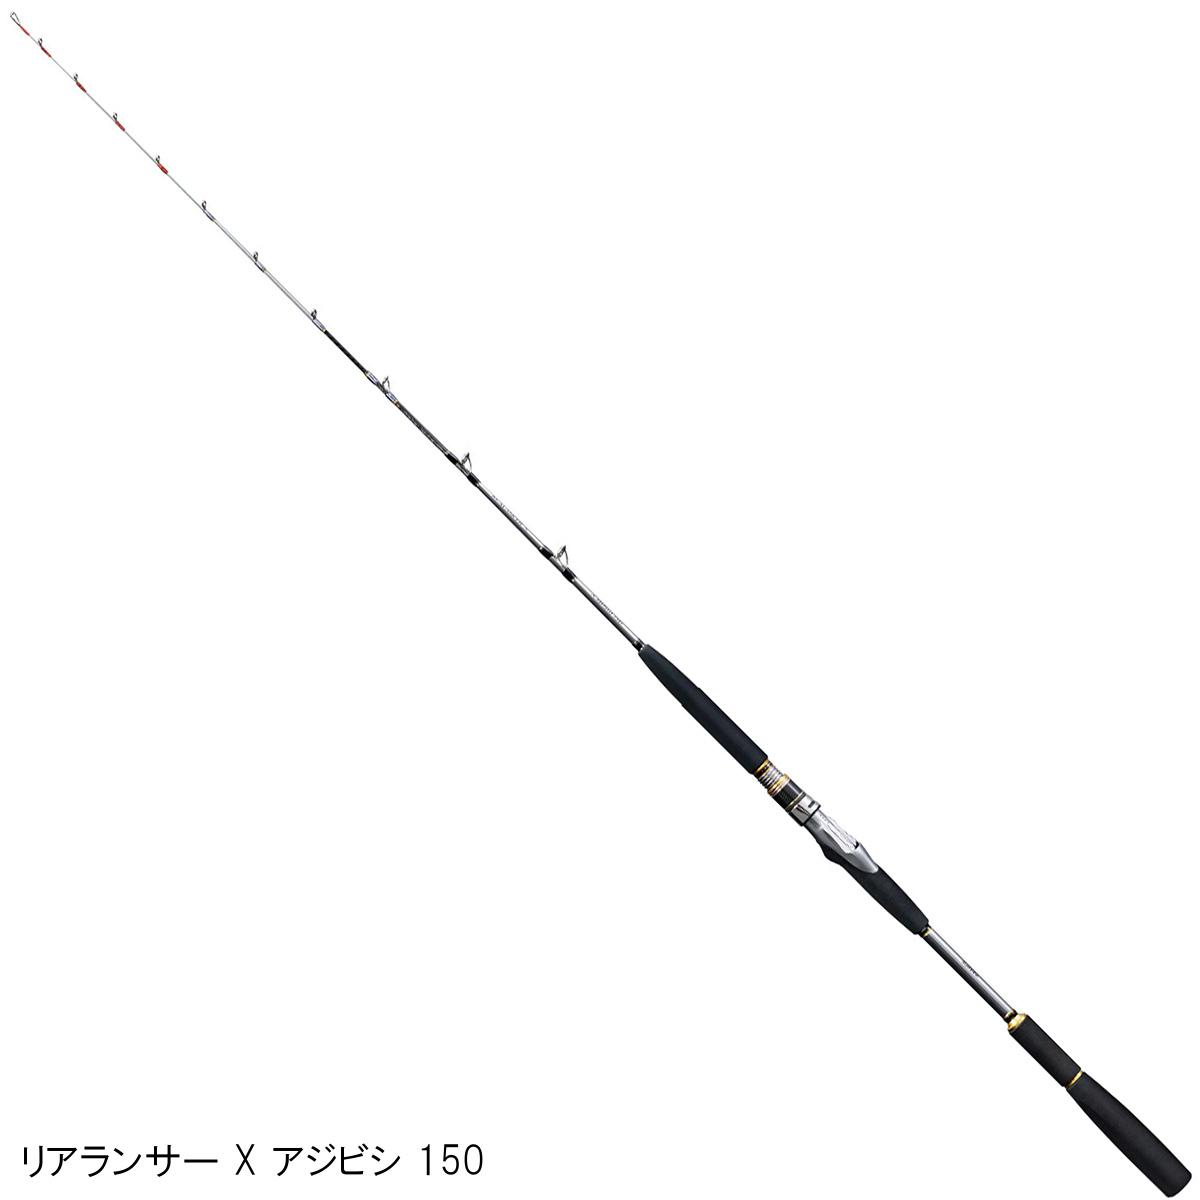 シマノ リアランサー X アジビシ 150【大型商品】